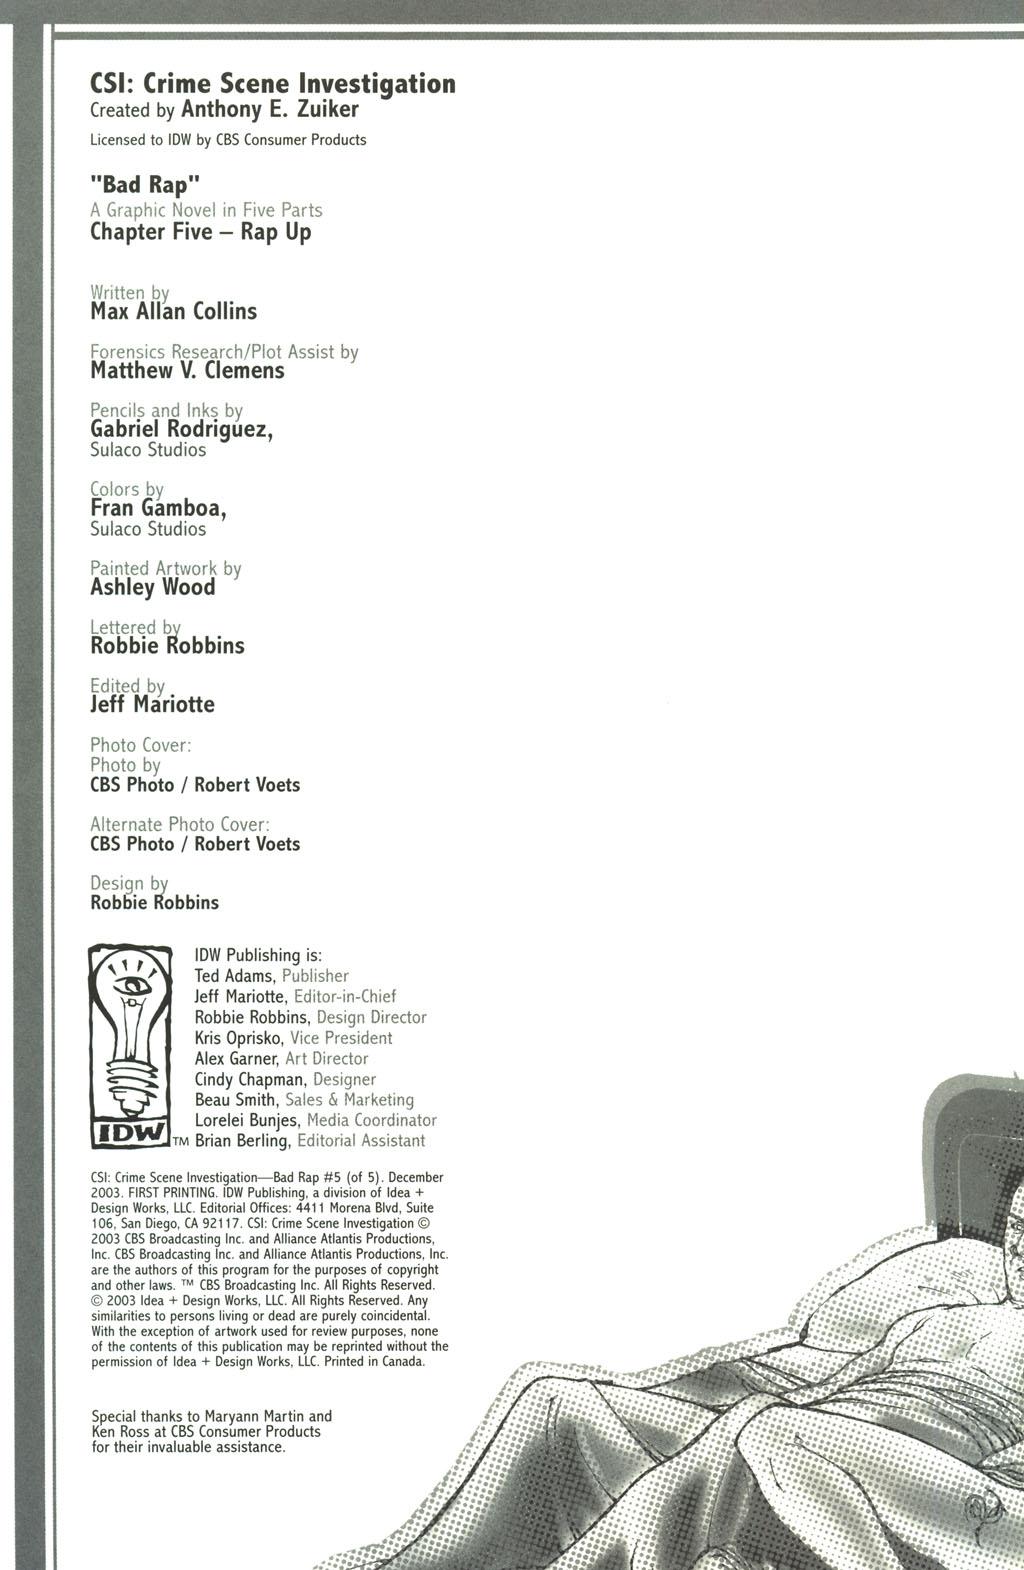 Read online CSI: Crime Scene Investigation: Bad Rap comic -  Issue #5 - 3